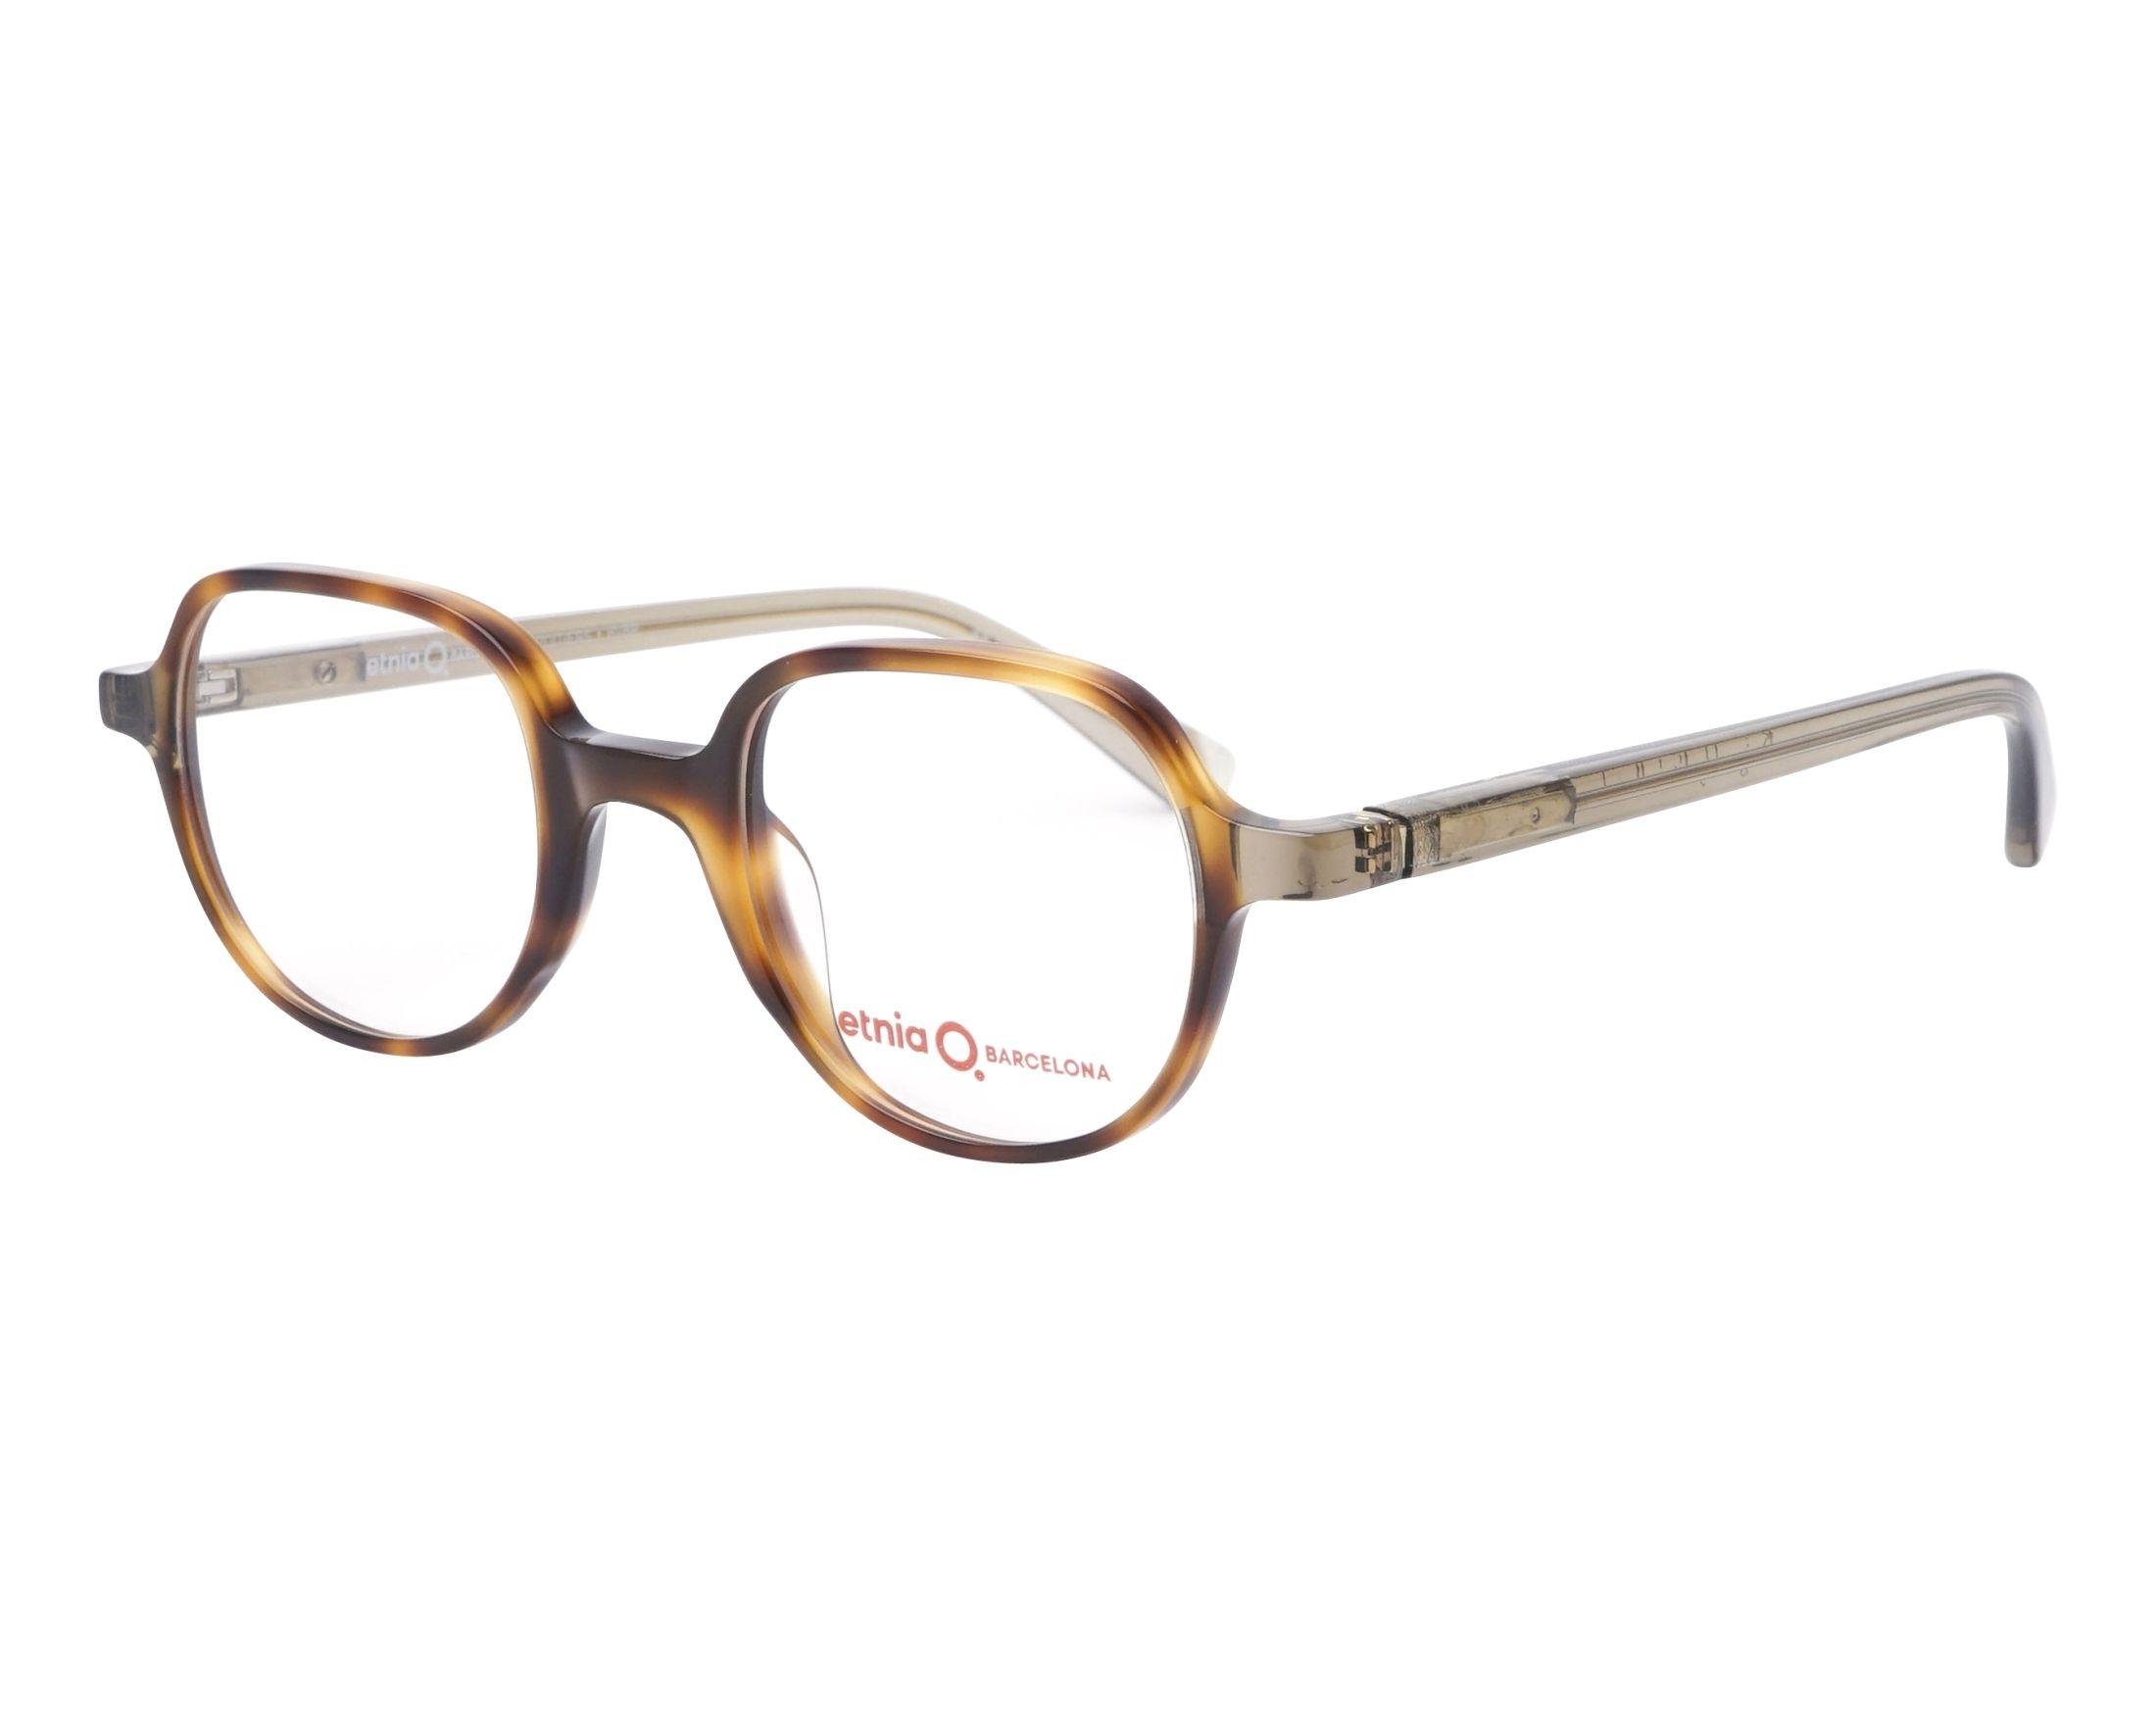 Buy Etnia Barcelona Eyeglasses POITIERS HVBR Online - Visionet